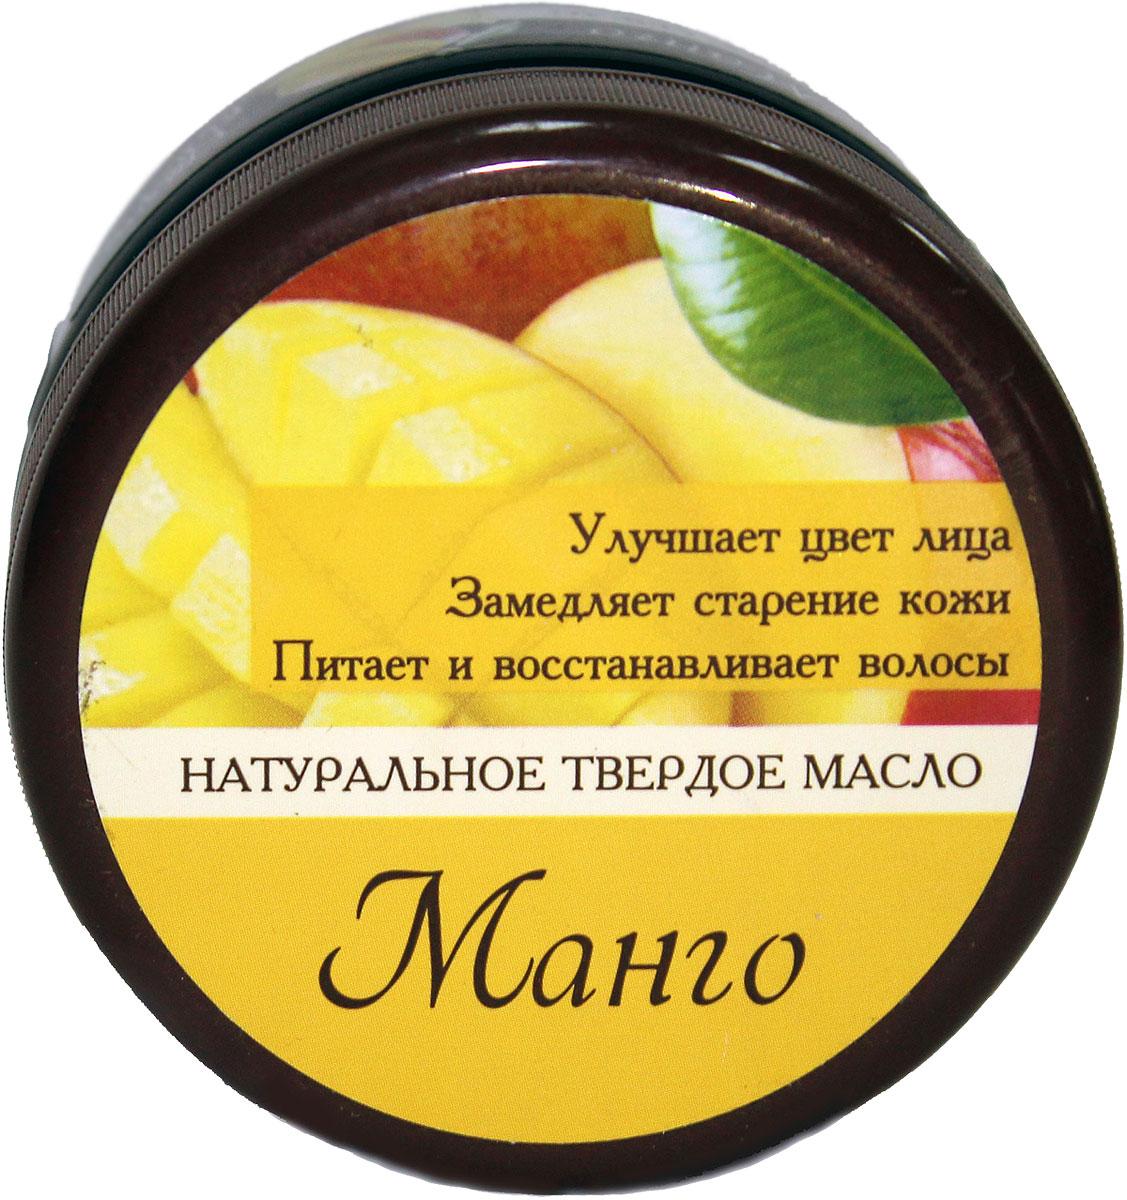 ARS Натуральное масло-баттер Манго, 75 гАРС-2517Масло ARS Манго обеспечивает увлажнение кожи в течение всего дня и восстанавливает мягкость, свежесть и нежность потрескавшихся и обветренных губ. Масло способствует устранению сухости кожи, успокаивает и восстанавливает ее после нахождения на солнце, способствует заживлению, питает волосы и восстанавливает их структуру.